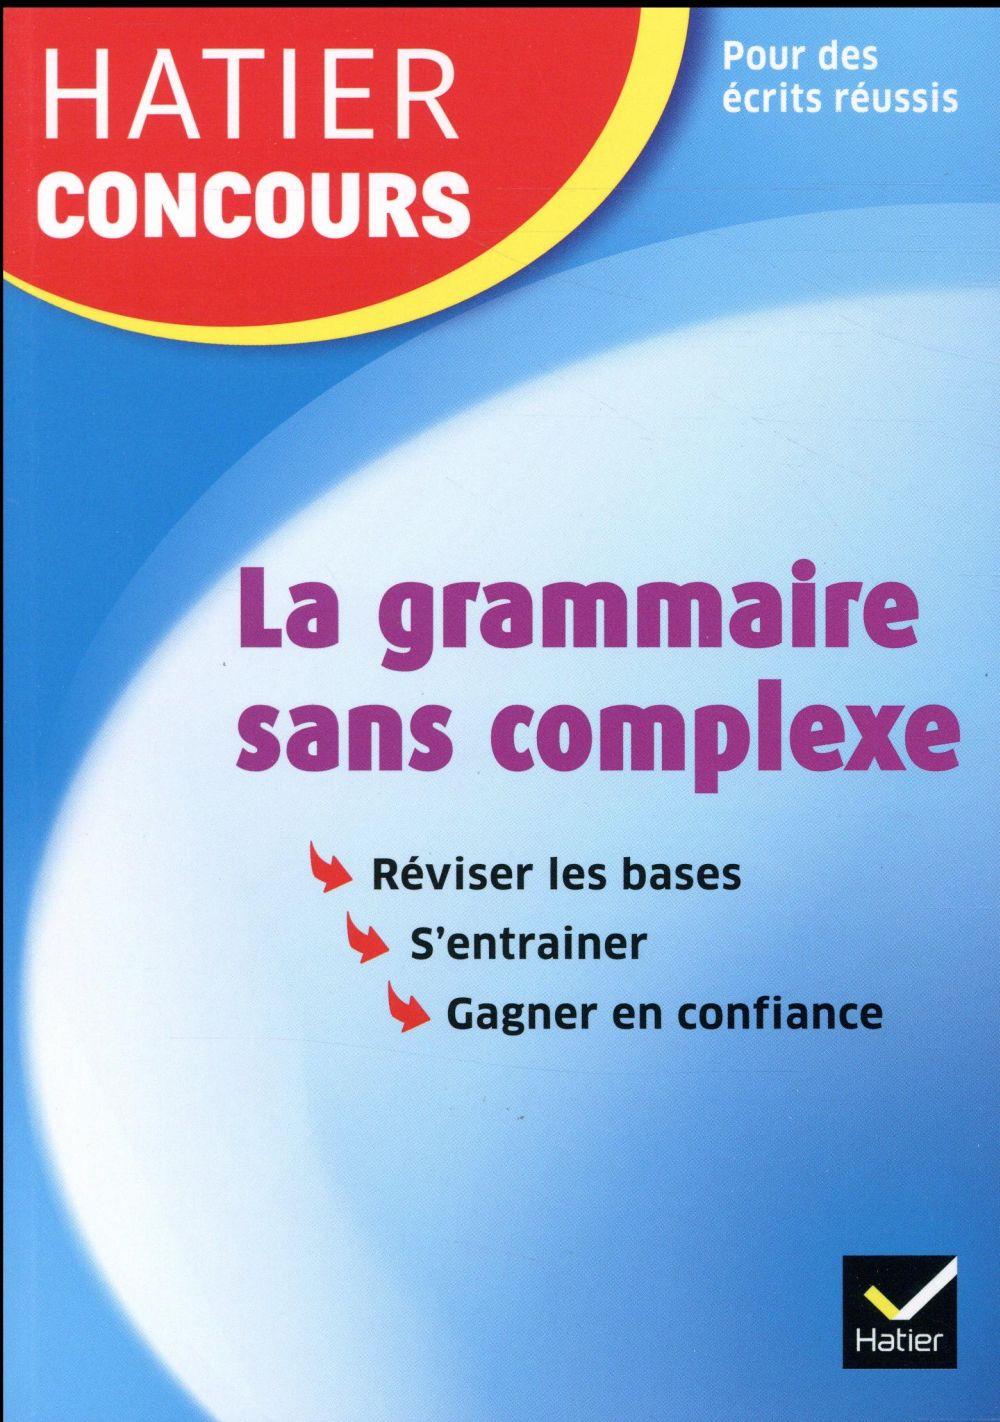 HATIER CONCOURS - LA GRAMMAIRE SANS COMPLEXE - REMISE A NIVEAU EN GRAMMAIRE POUR REUSSIR LES CONCOUR Mante Michel